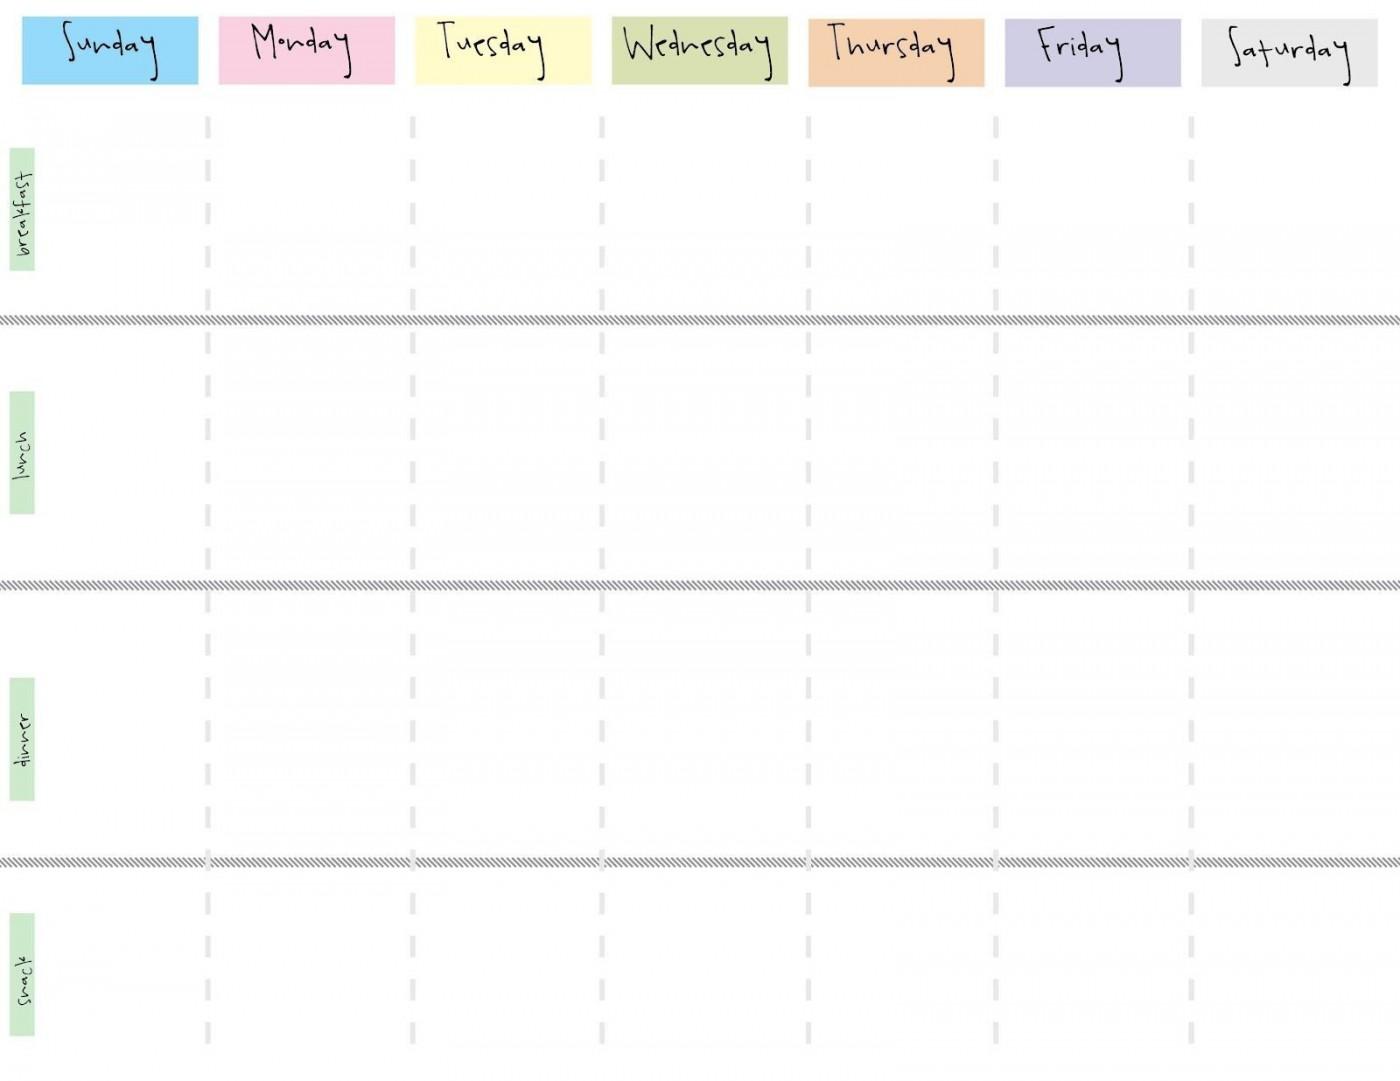 000 Wonderful Printable Weekly Planner Template Cute Photo  Free Calendar1400